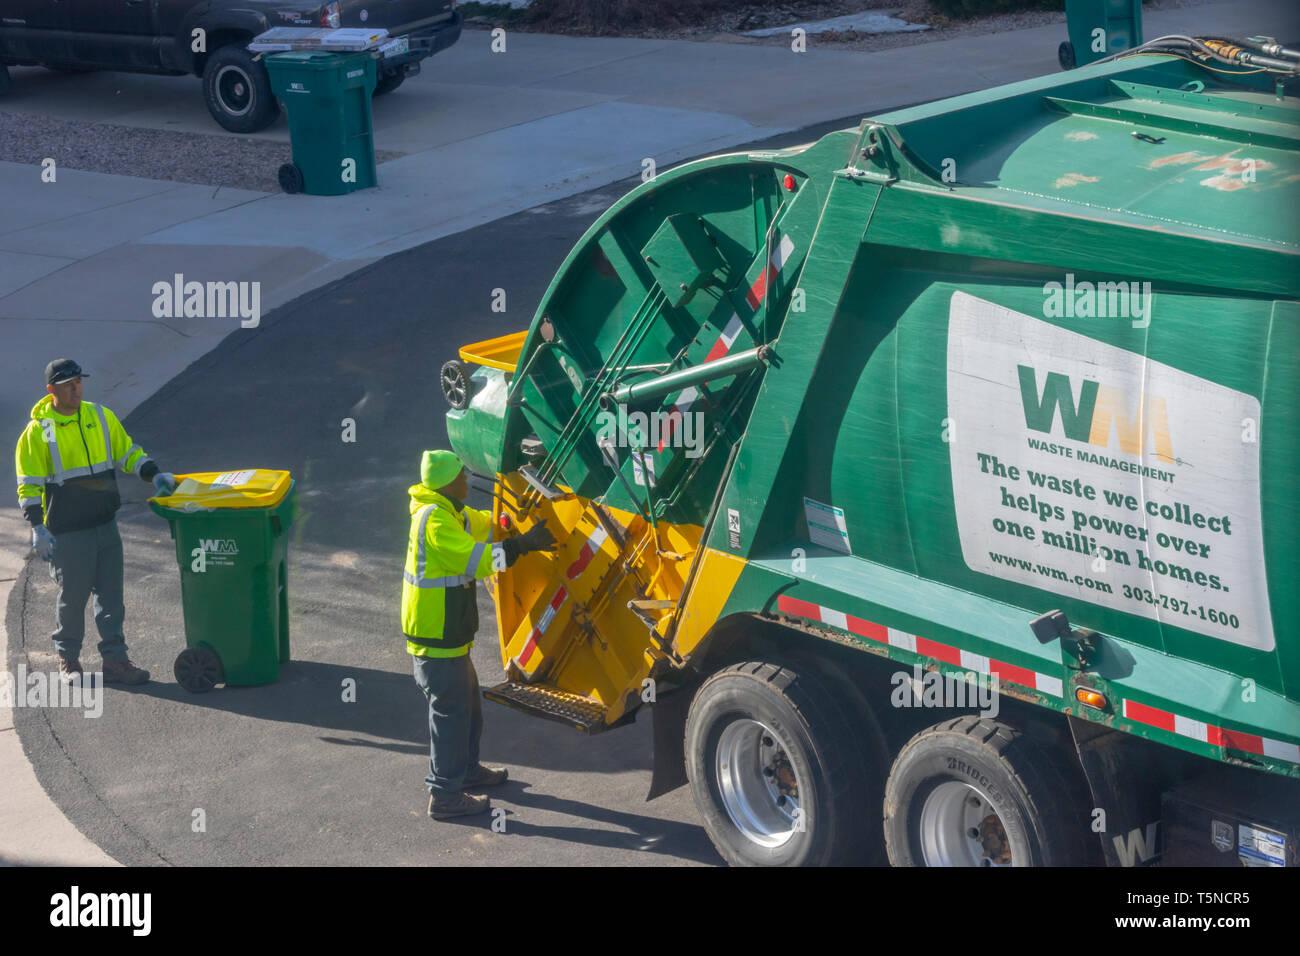 Dos trabajadores de gestión de residuos de plástico amarillo y verde vacío recipientes de basura en una zona residencial de Castle Rock, Colorado, EEUU. Foto tomada en abril. Imagen De Stock